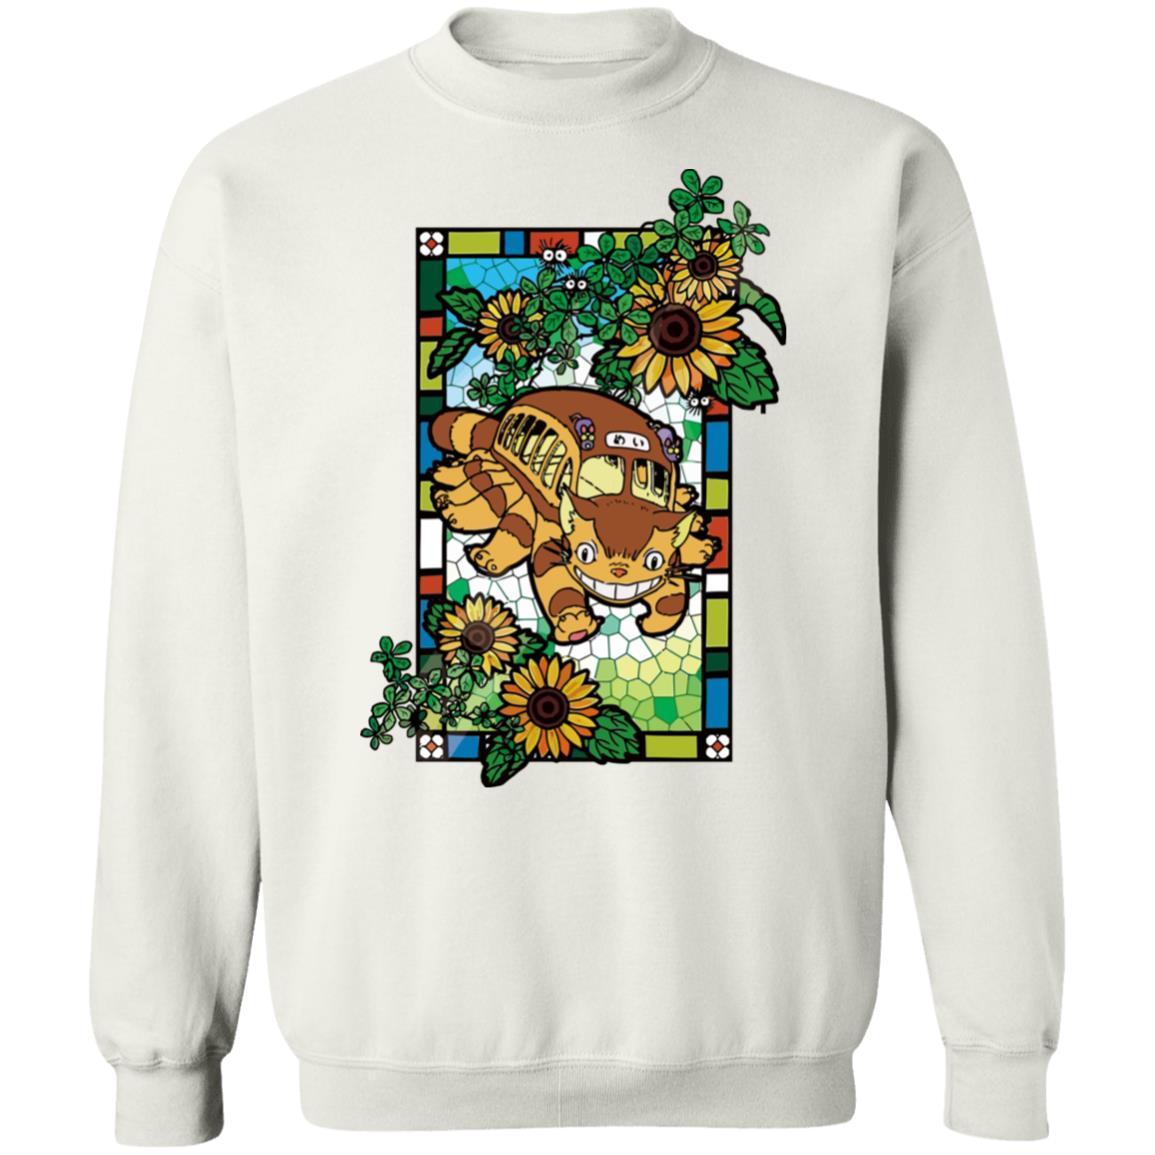 My Neighbor Totoro – Cat Bus Stained Glass Art Sweatshirt